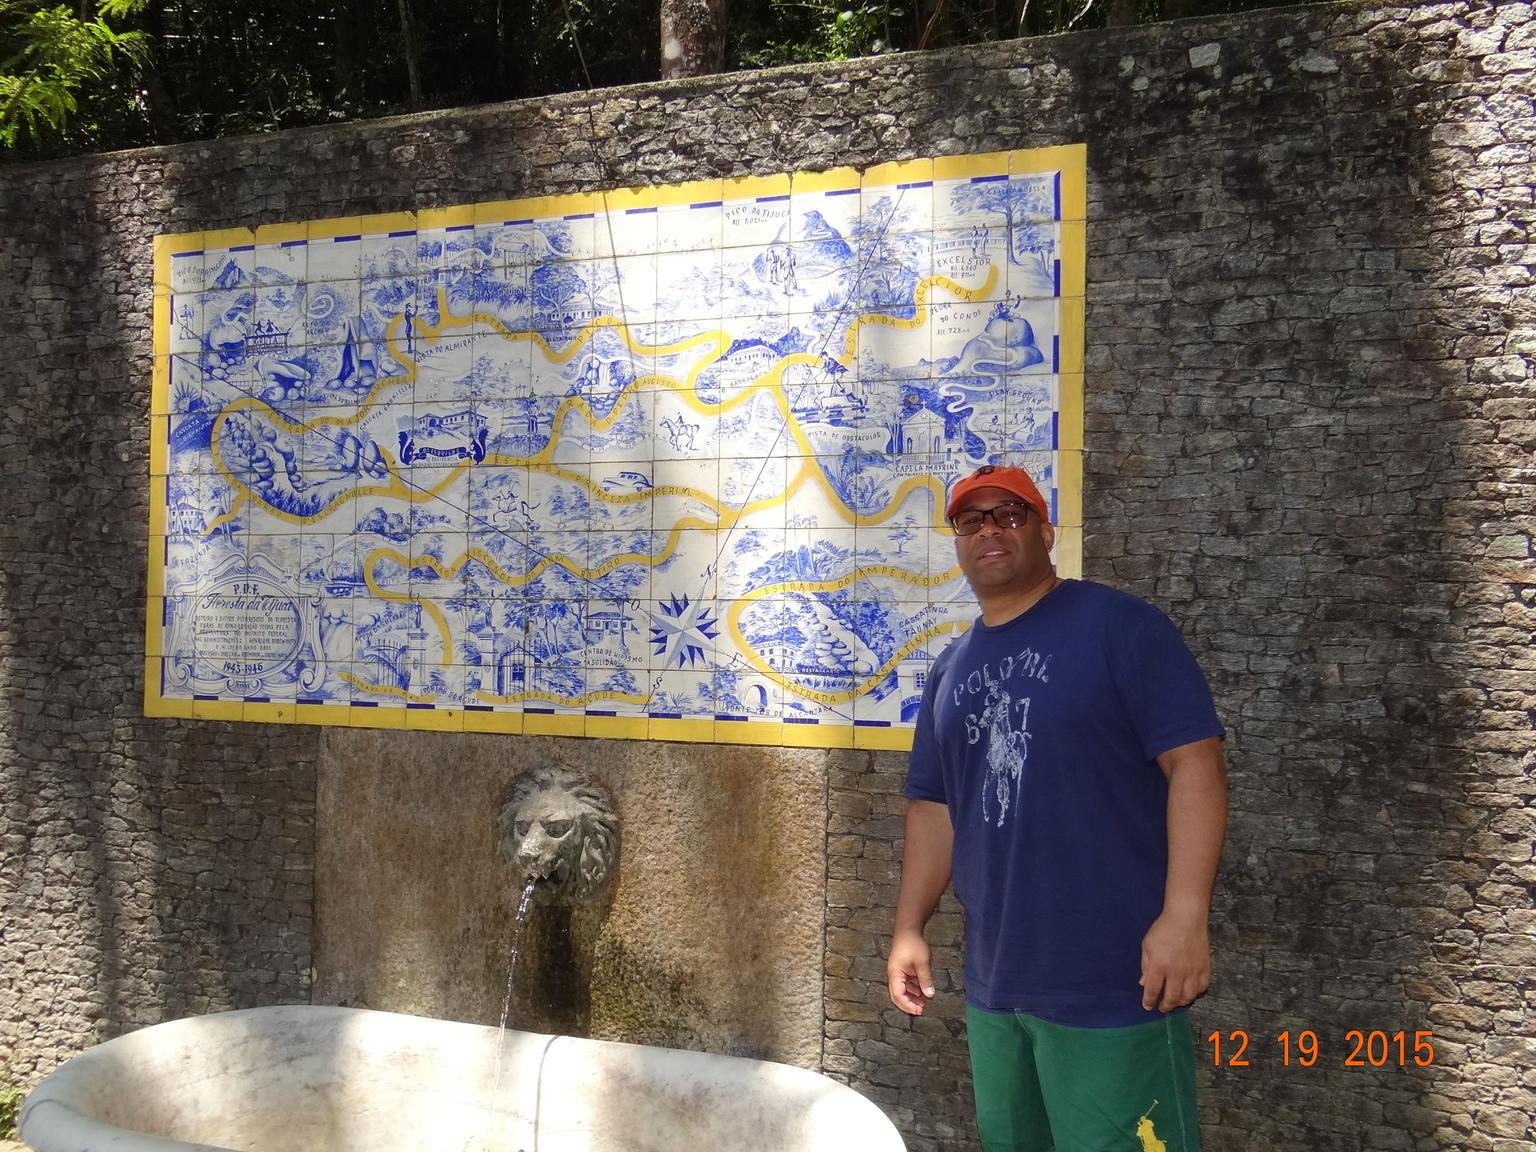 MORE PHOTOS, Rio de Janeiro Main Landmarks Tour Including Christ the Redeemer and Selaron Steps